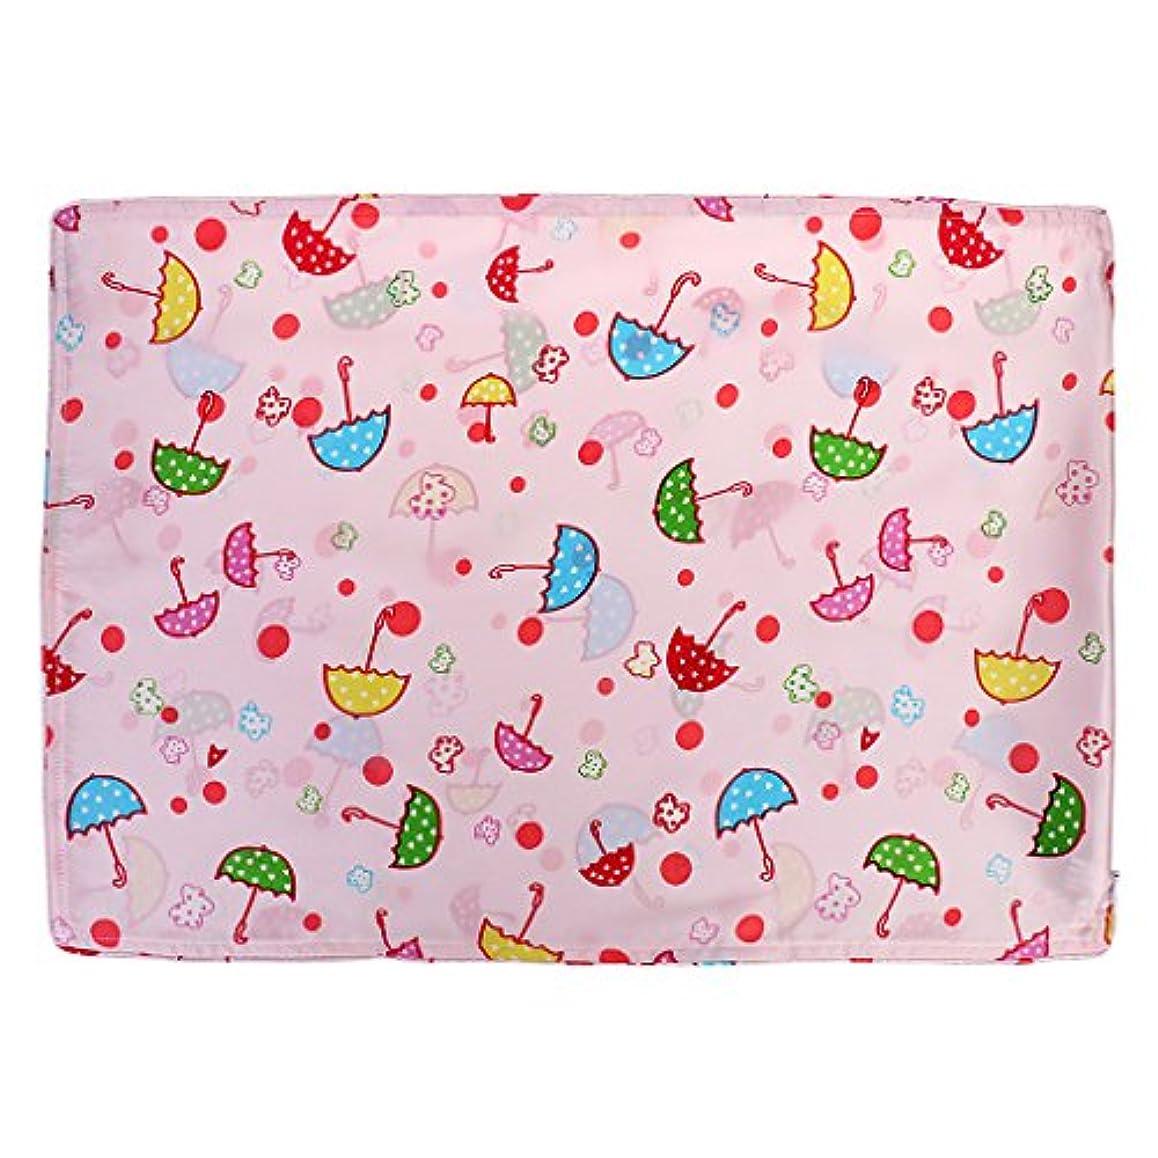 散歩に行くランク予防接種かわいいベビーキッズ100%シルクサテン両面枕カバー30 * 55センチメートル傘ピンク